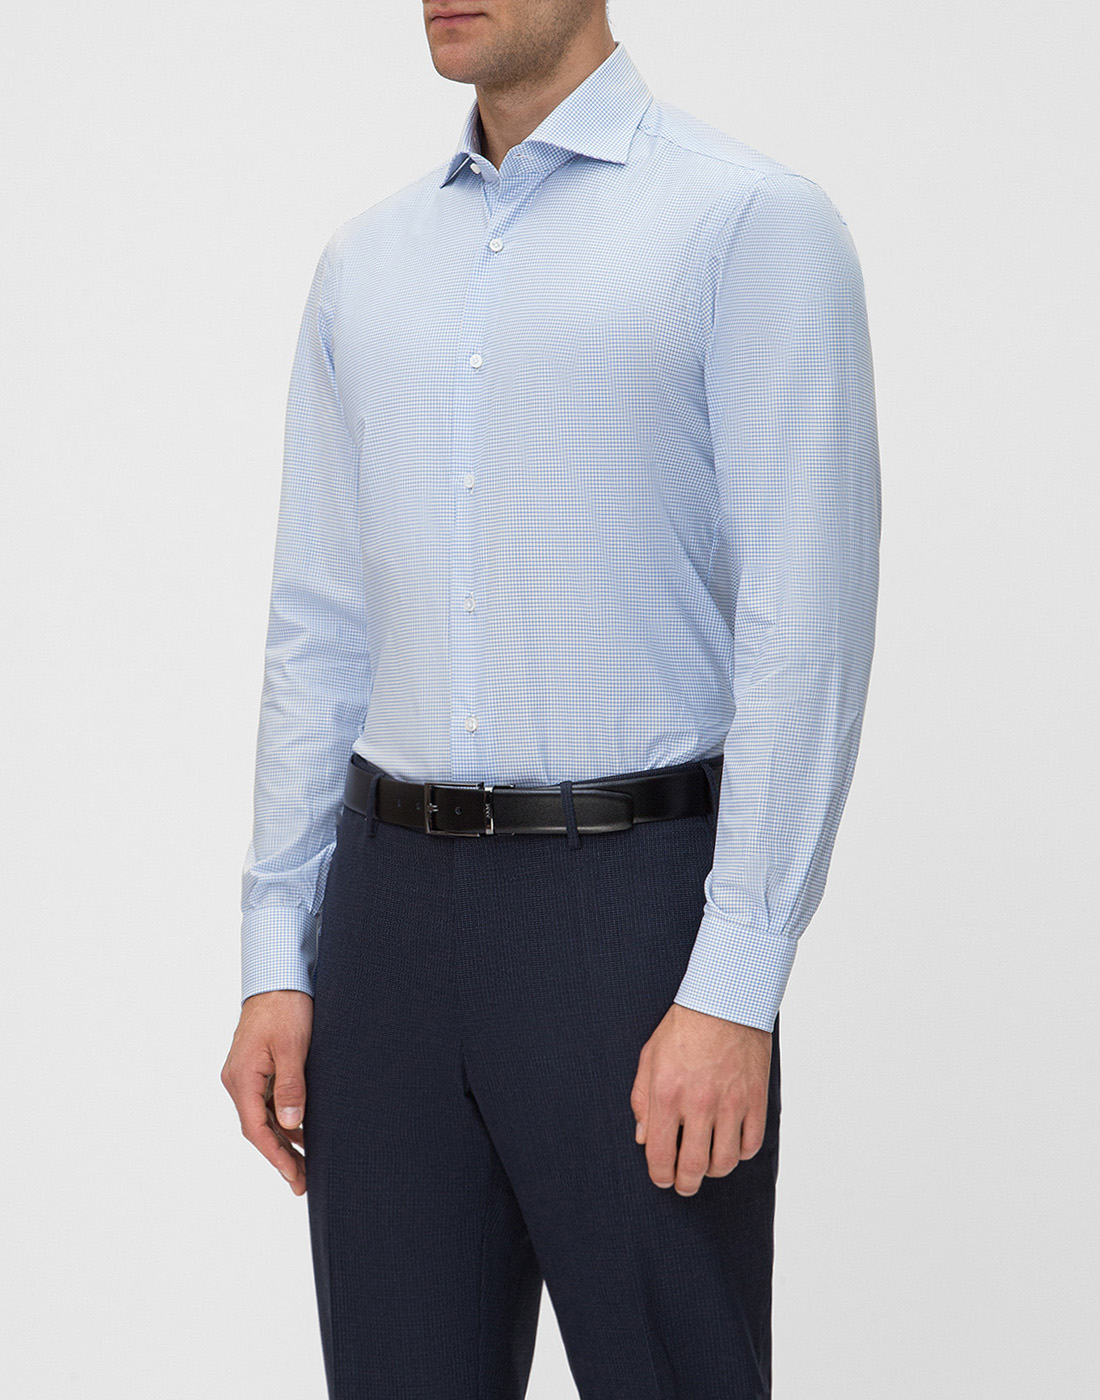 Мужская голубая рубашка в клетку Barba SD4U132593804U-3